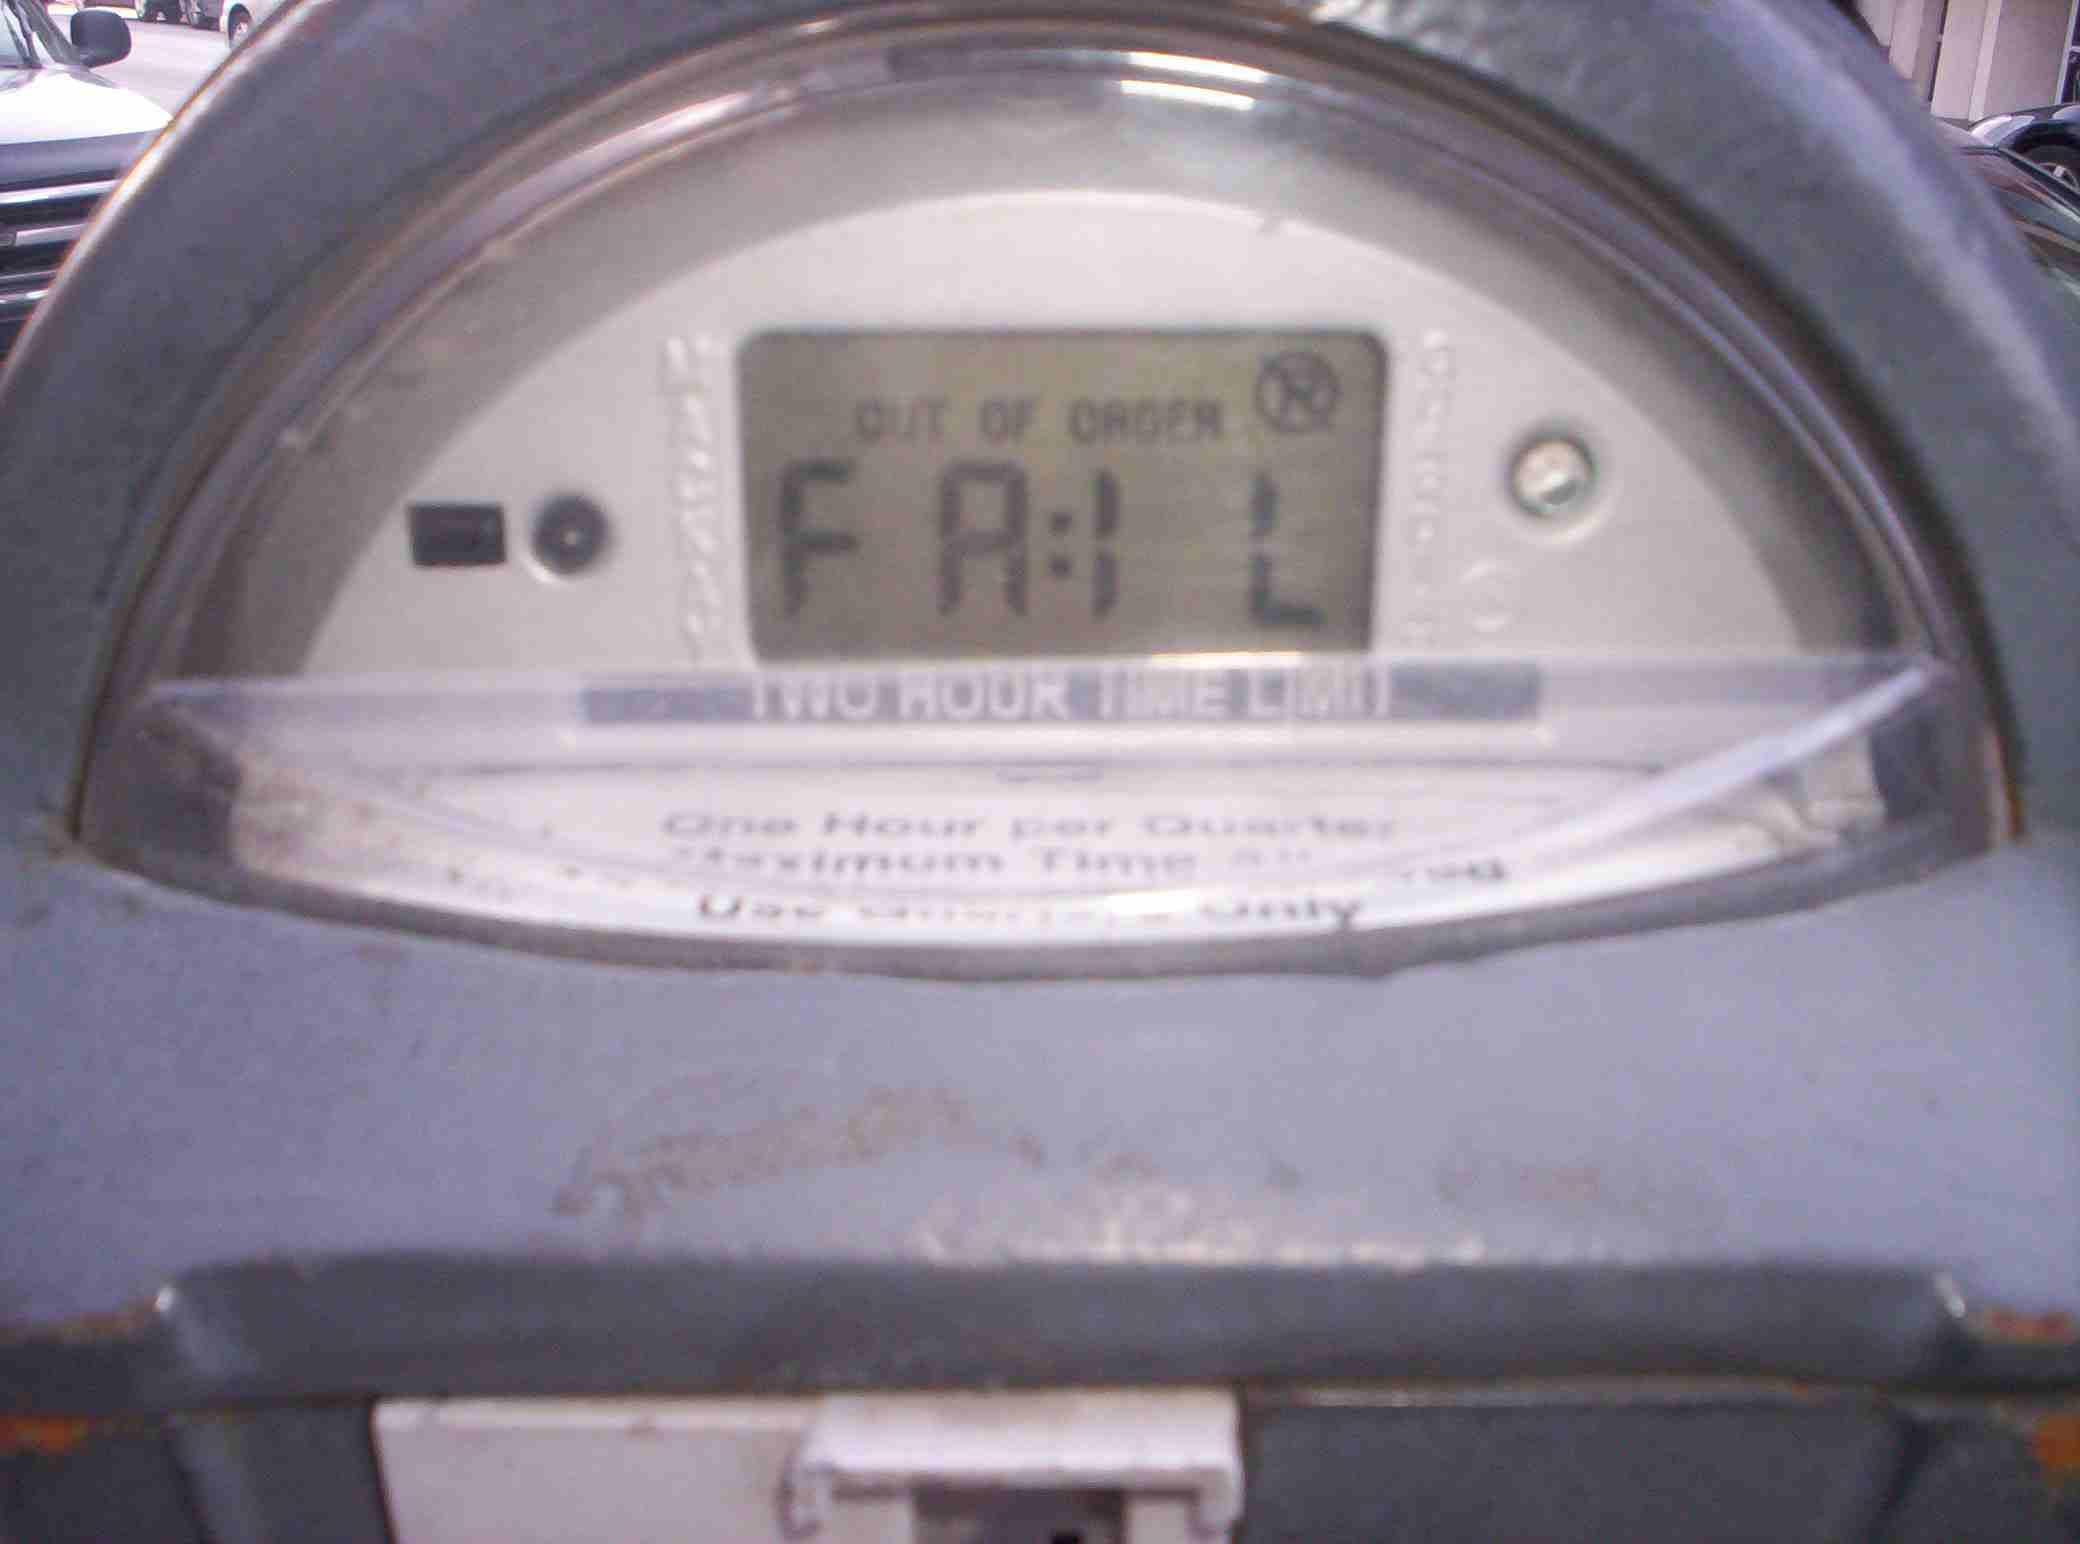 2008-12-31-MeterFAIL.jpg